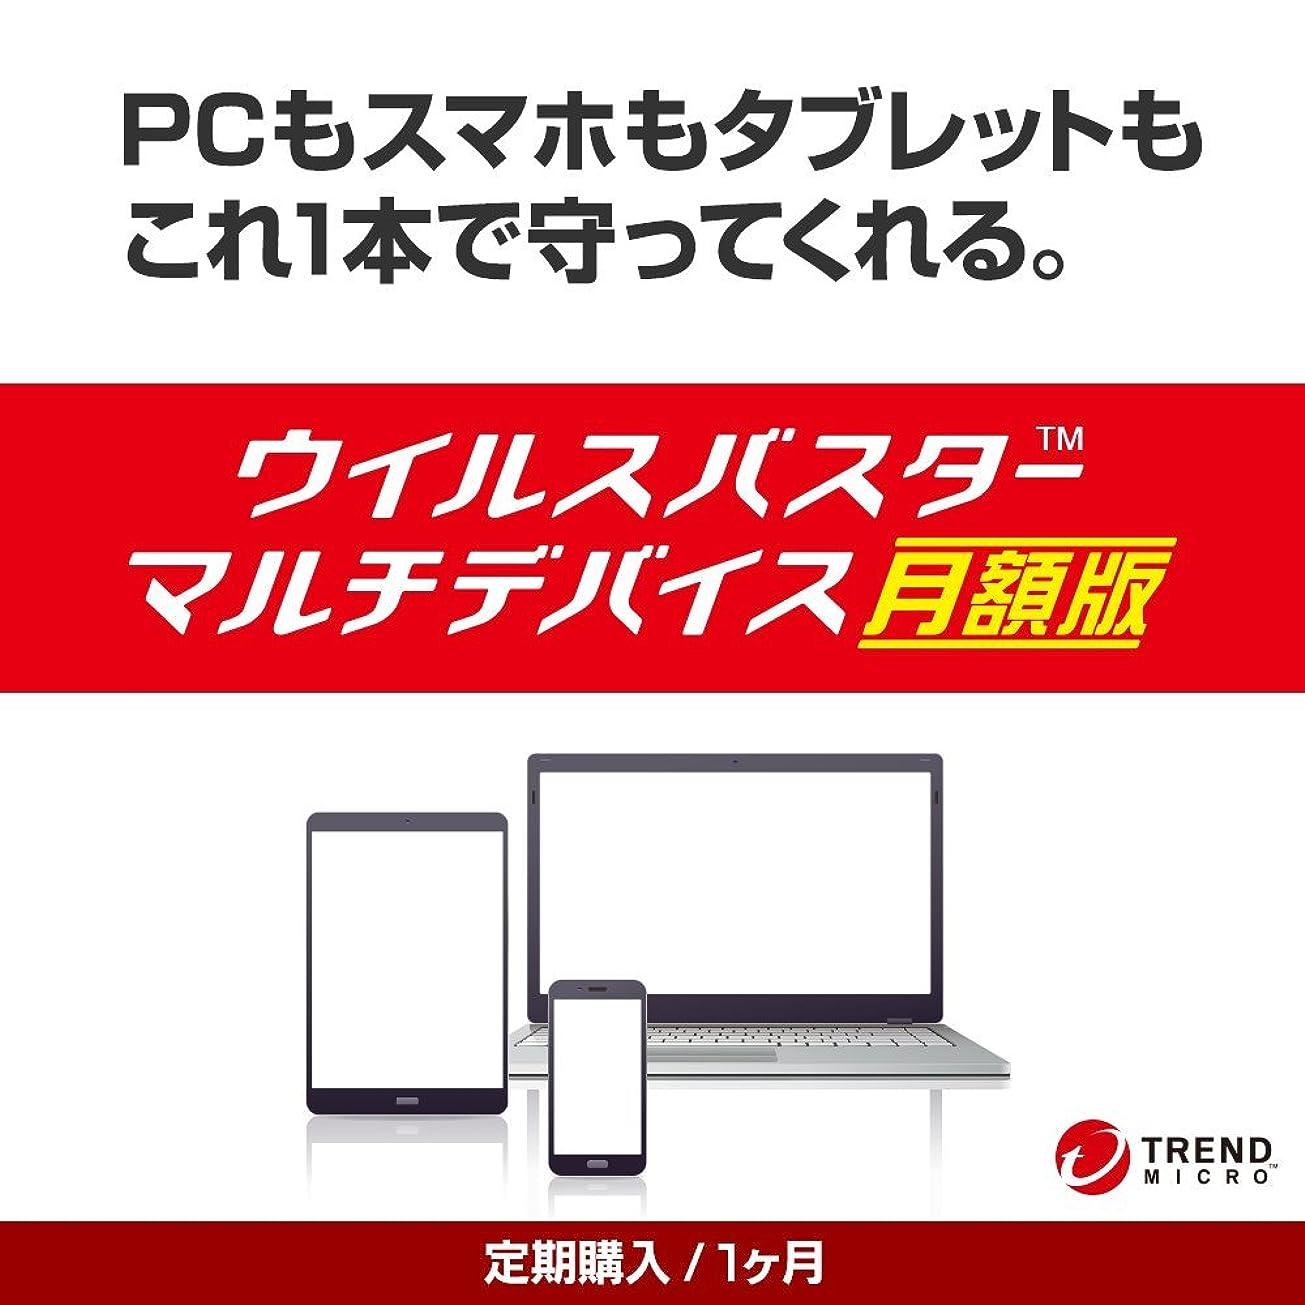 成分エンジニアリング成熟ウイルスバスターマルチデバイス(最新)|月額版|定期購入(サブスクリプション)|Win/Mac/Android対応